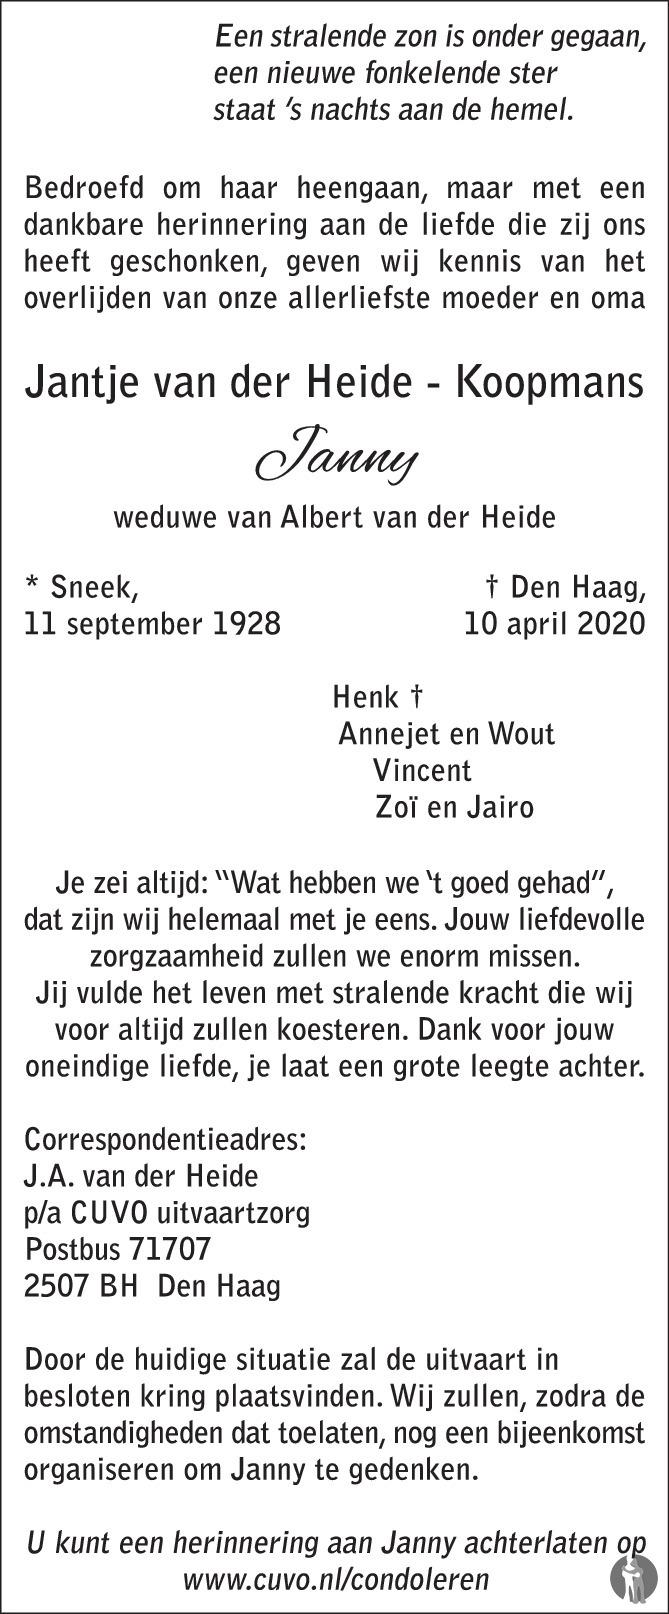 Overlijdensbericht van Jantje (Janny) van der Heide-Koopmans in AD Algemeen Dagblad